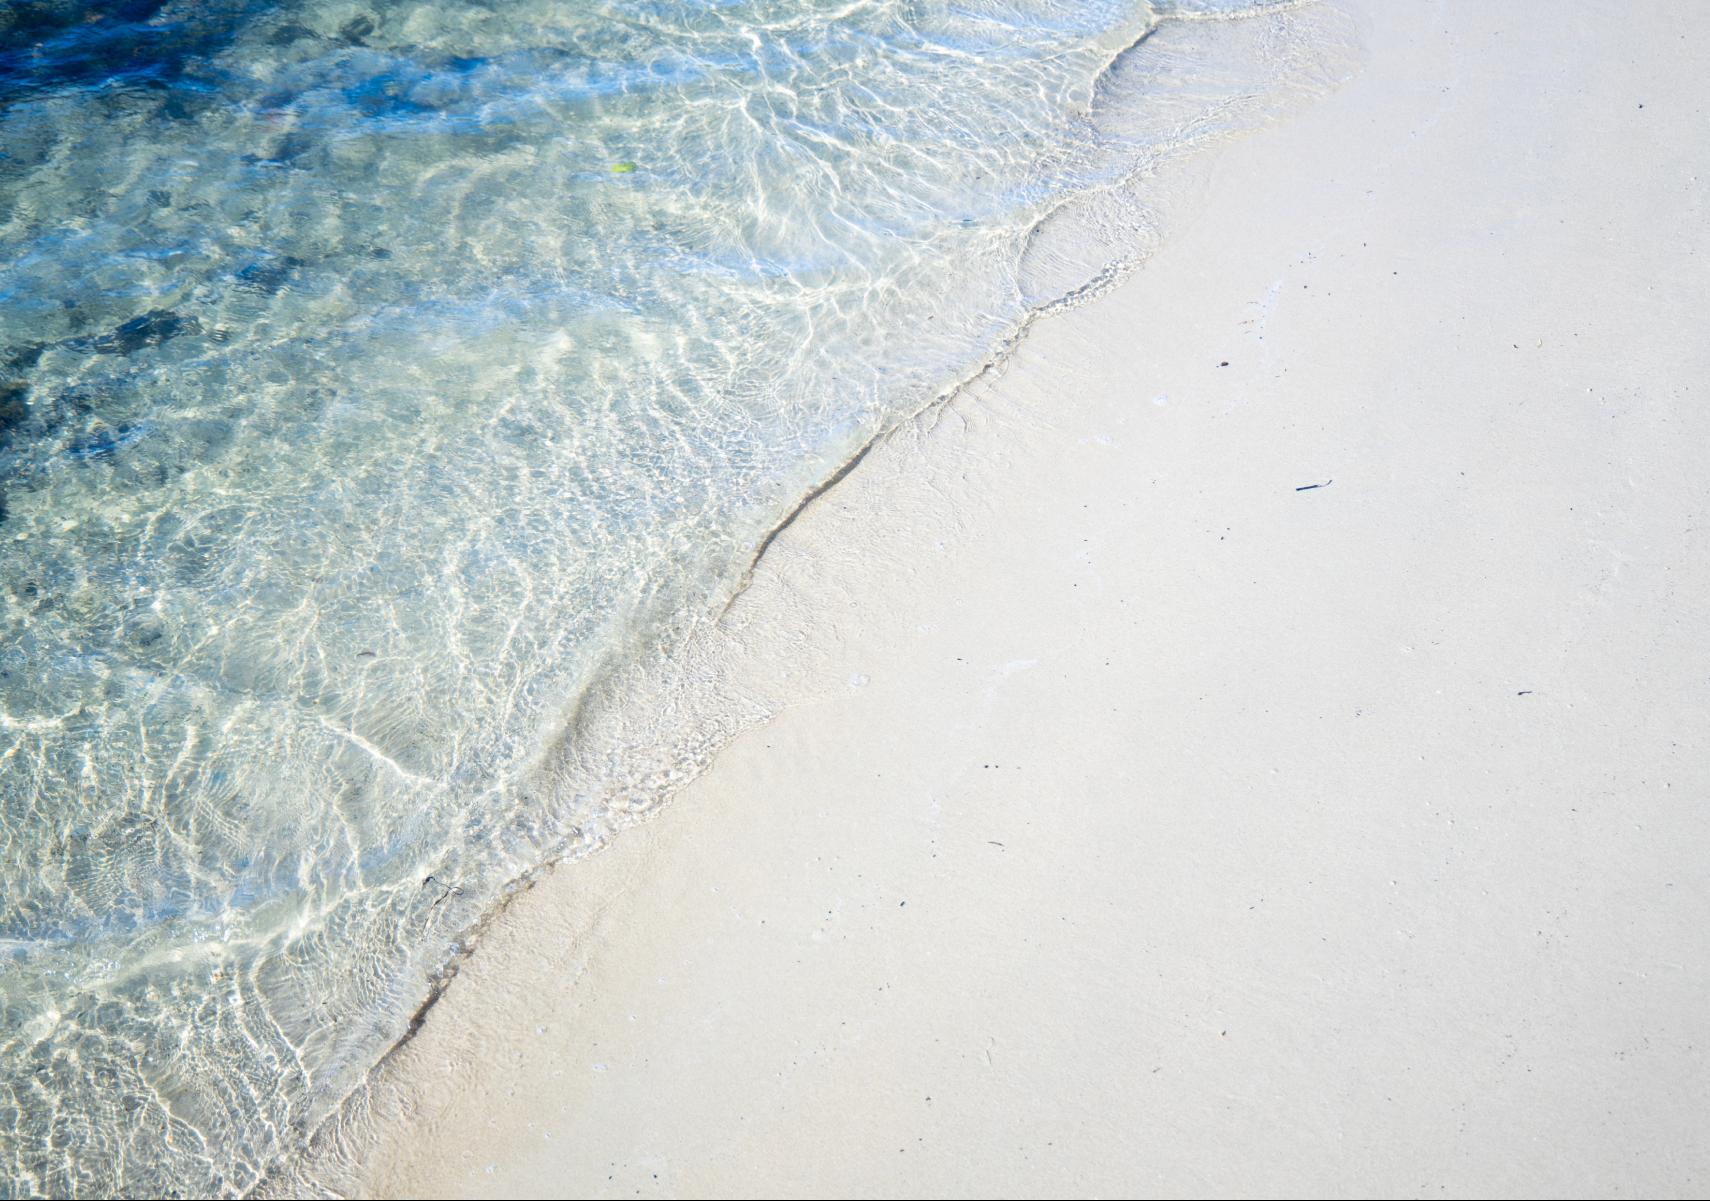 oasis white sand beach